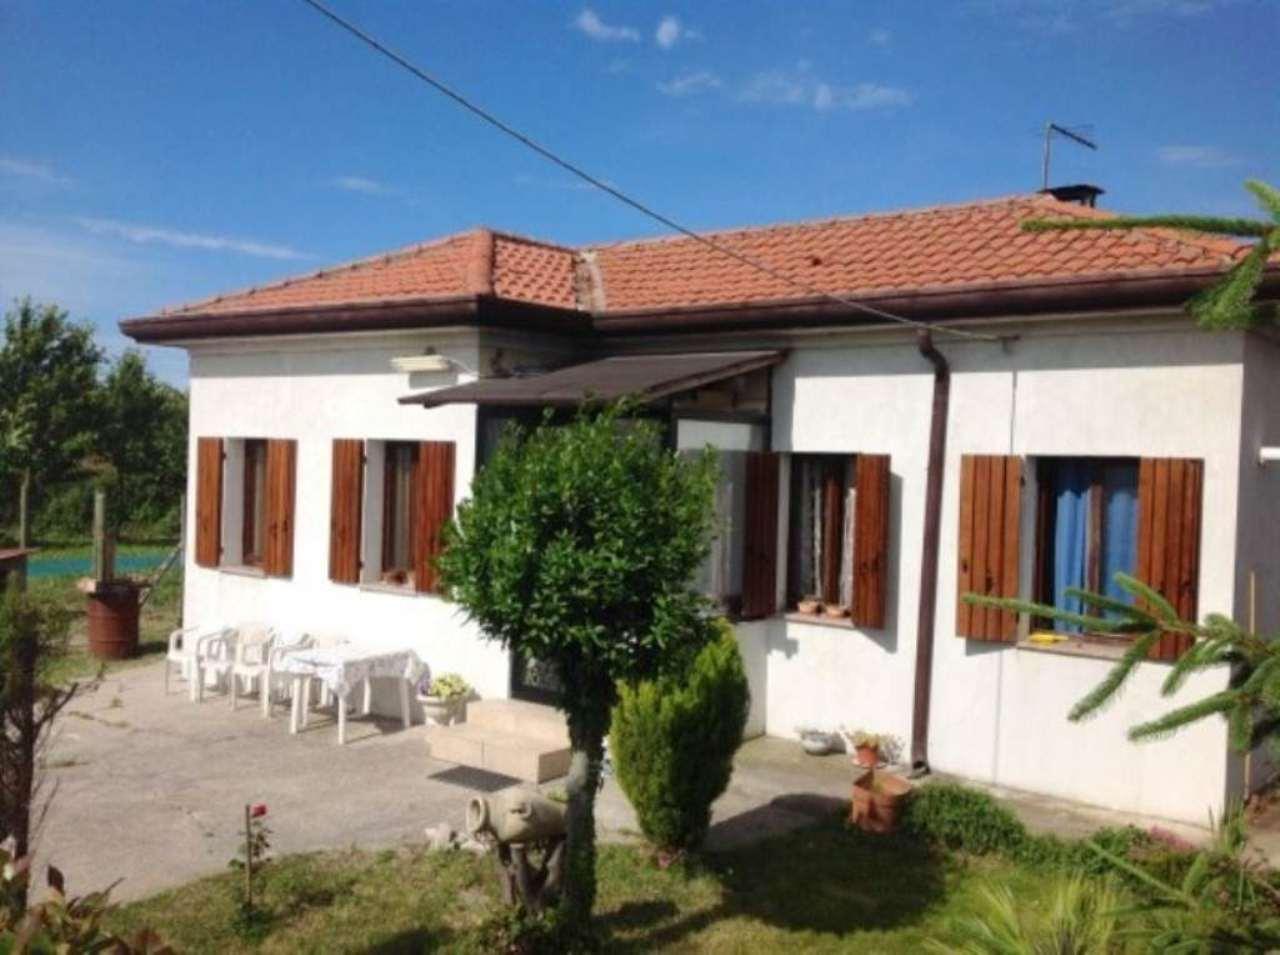 Soluzione Indipendente in vendita a Pontelongo, 3 locali, prezzo € 105.000 | CambioCasa.it